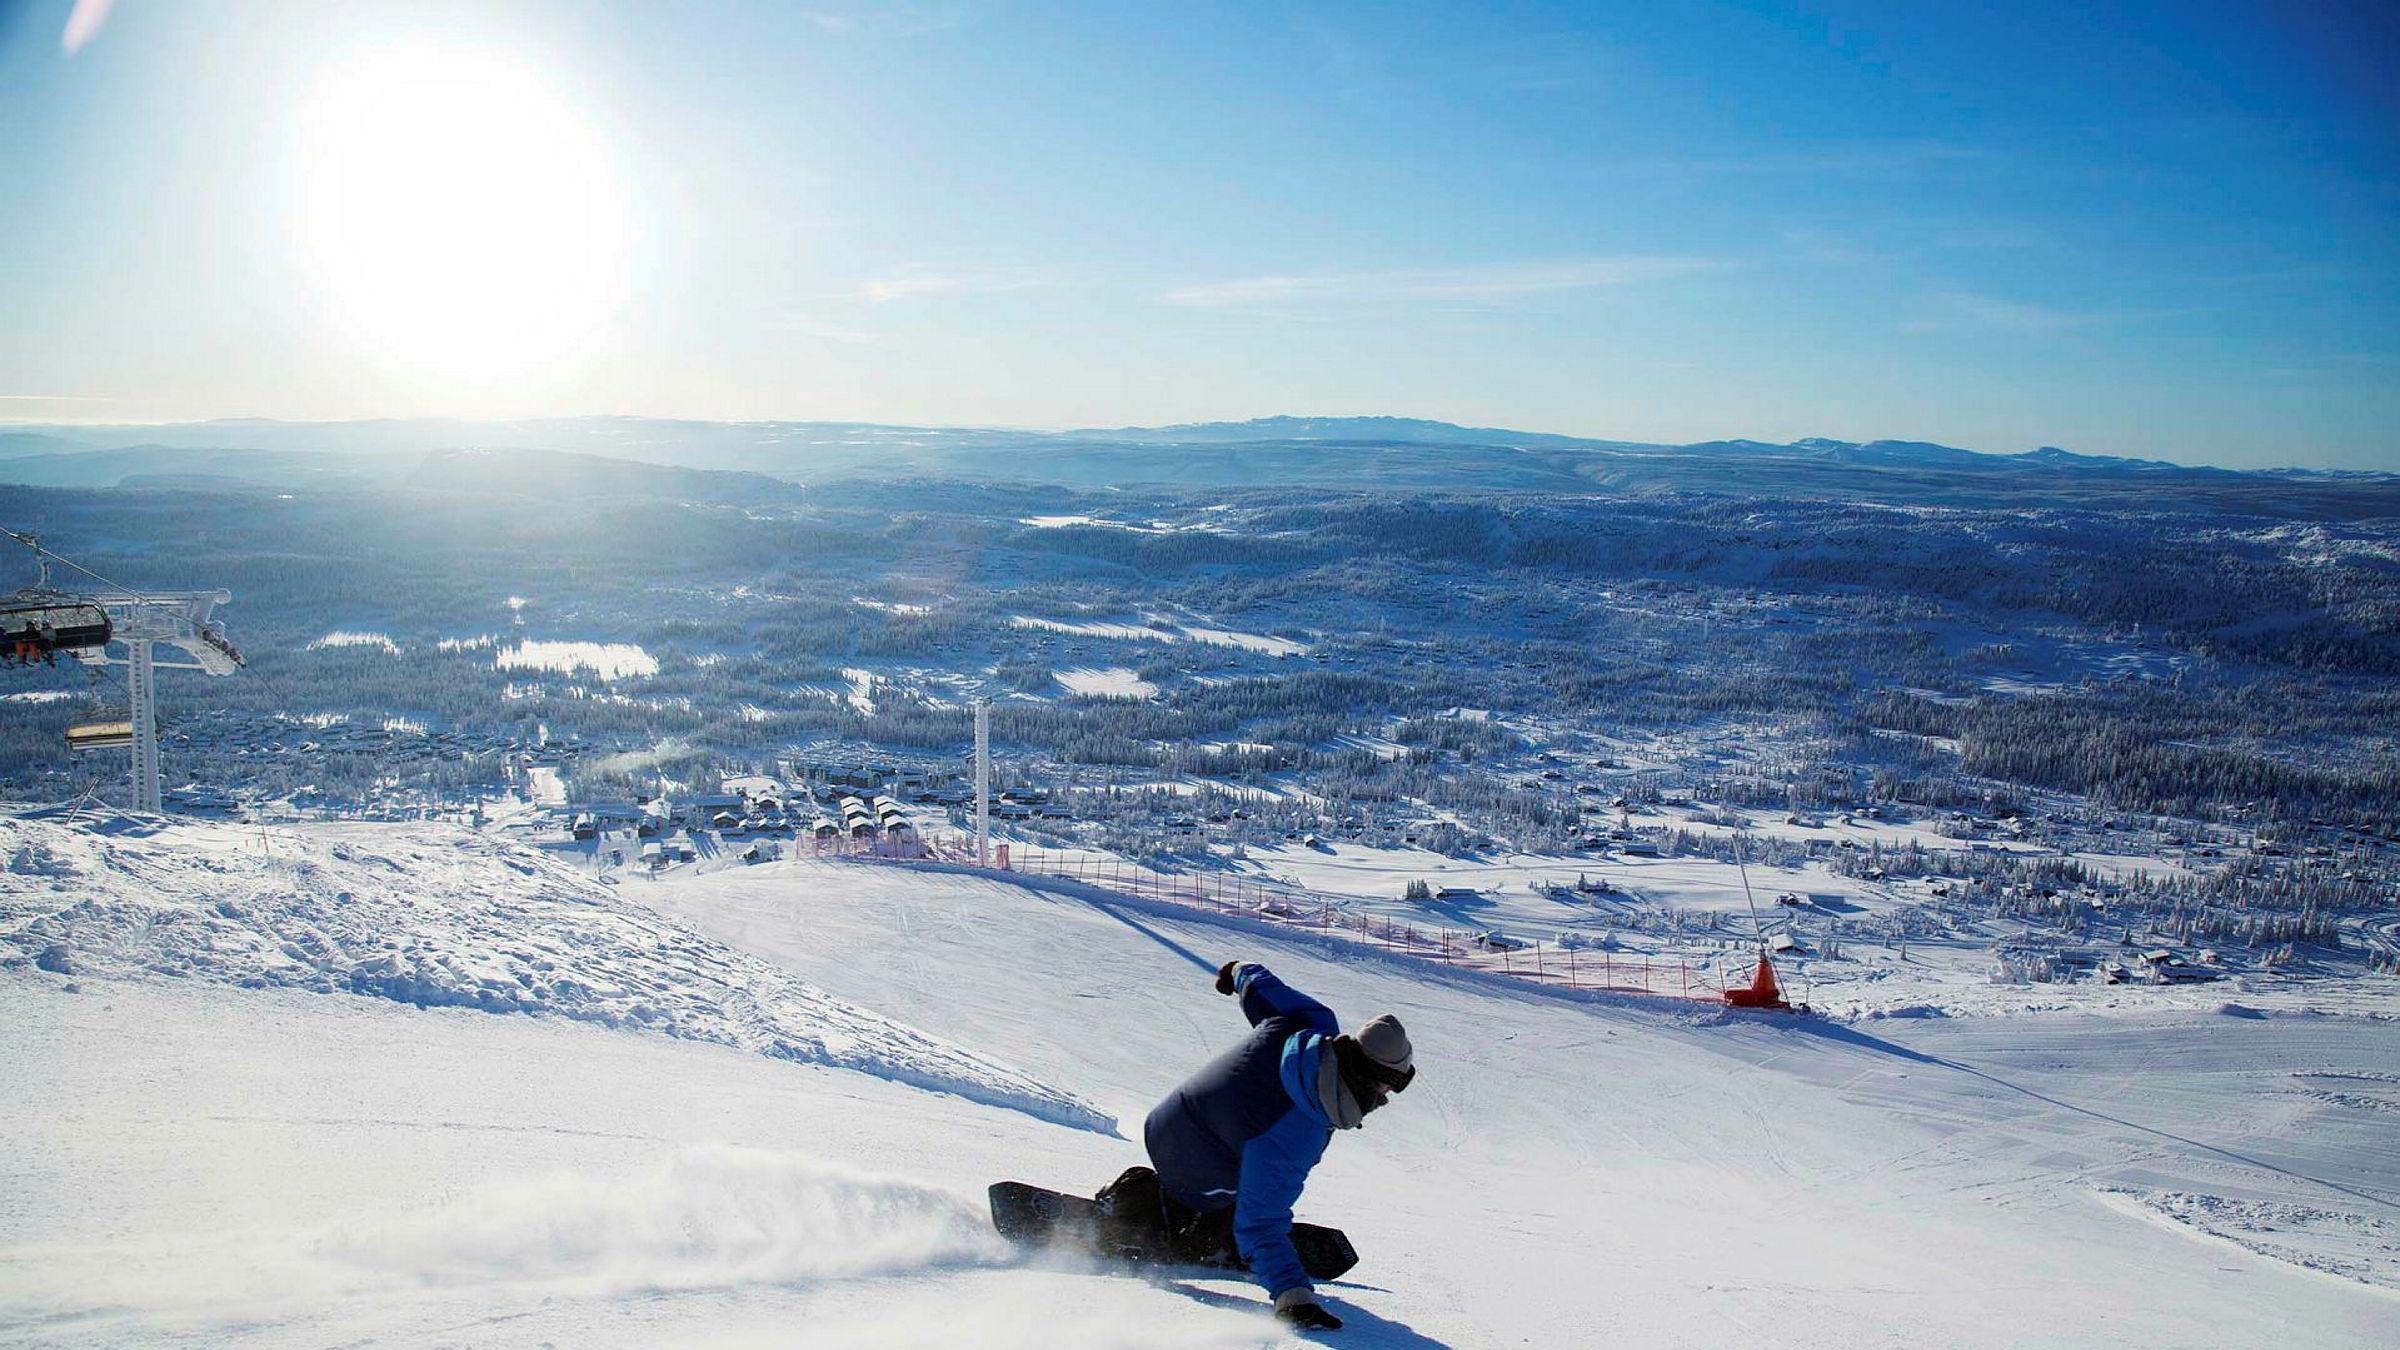 På bare vel to uker har vinterferien i Norge for en dansk familie blitt opptil flere tusen kroner billigere.